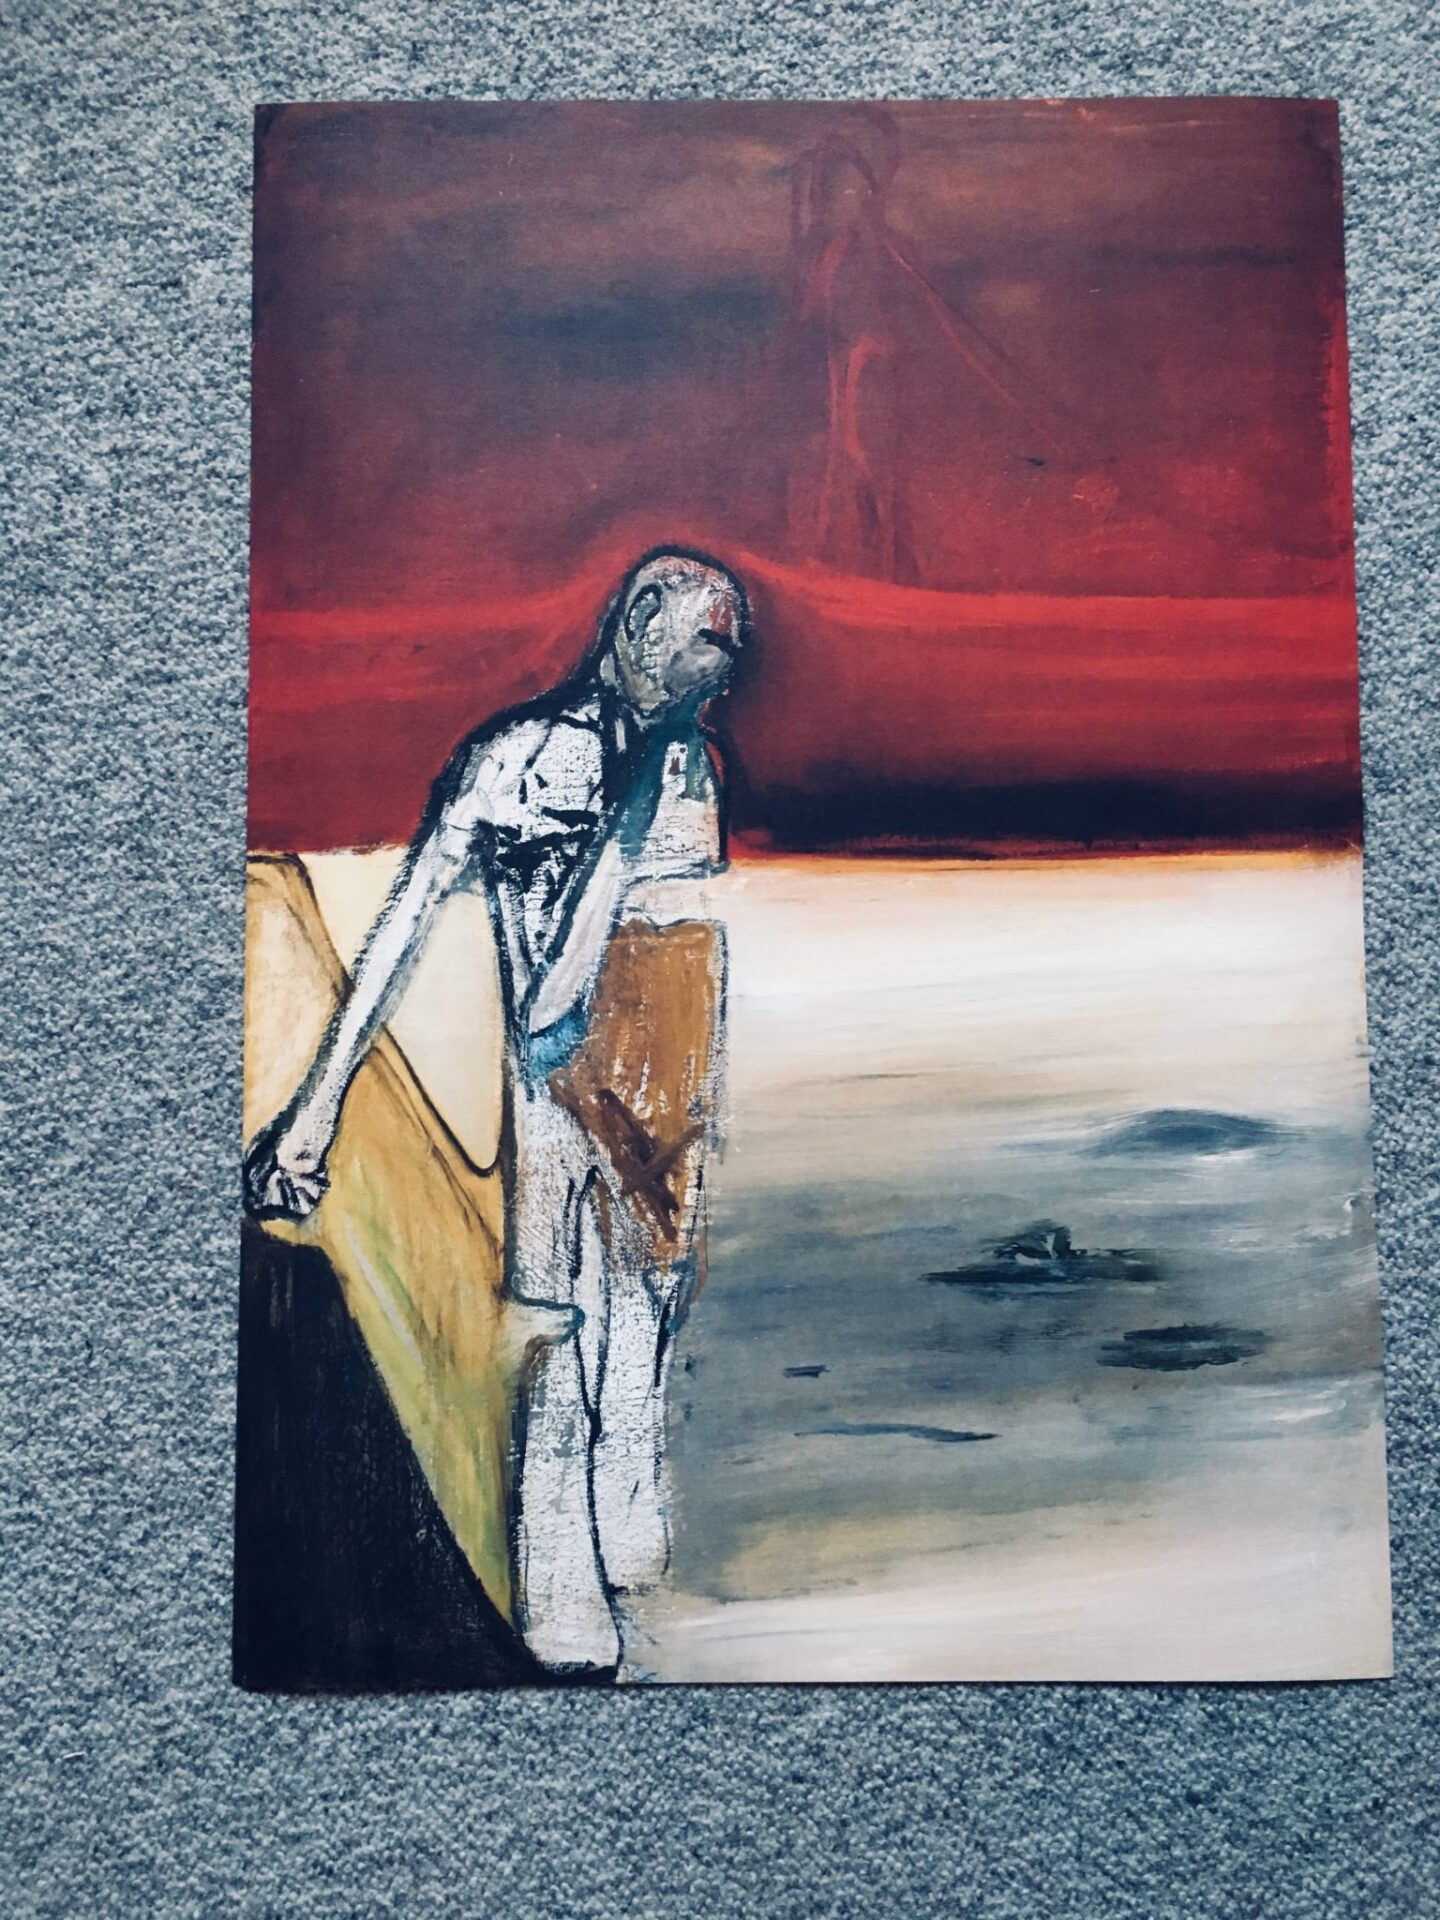 Peter Brandes, Kunsttryk på karton, pris 500 kr